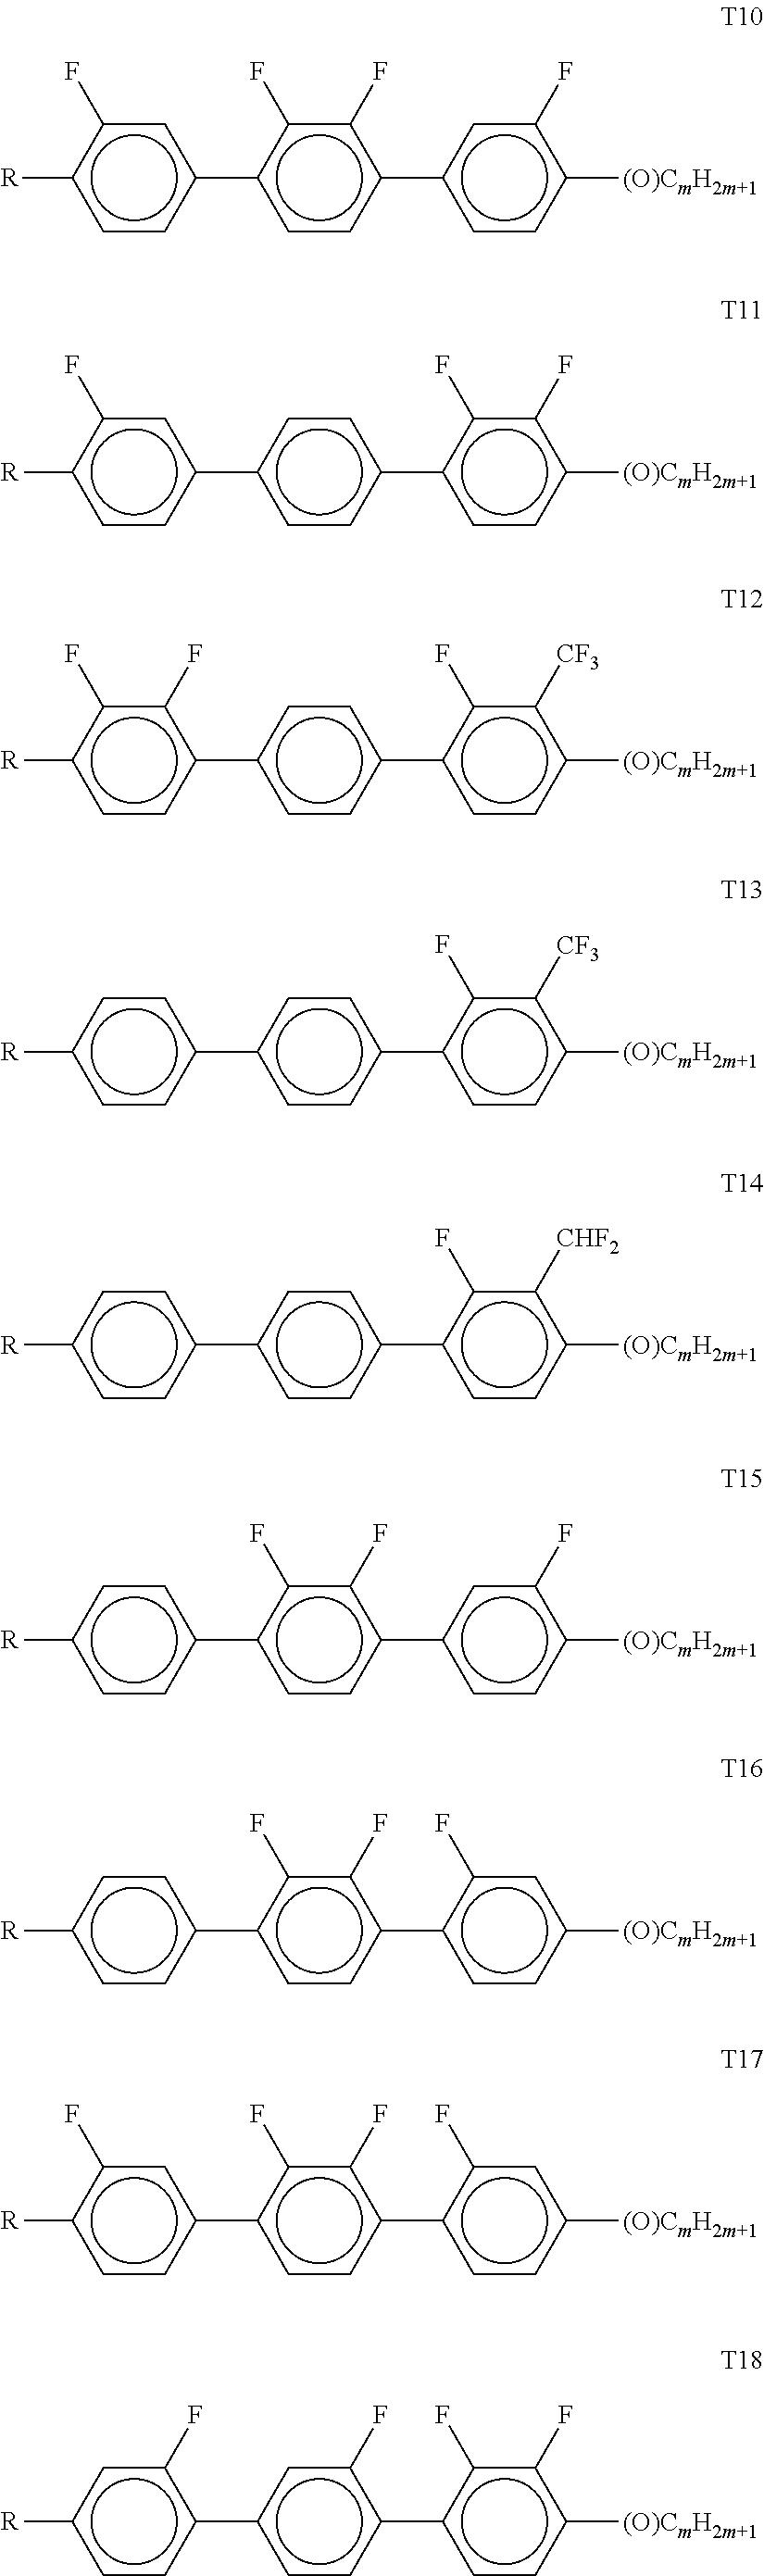 Figure US20110051049A1-20110303-C00041